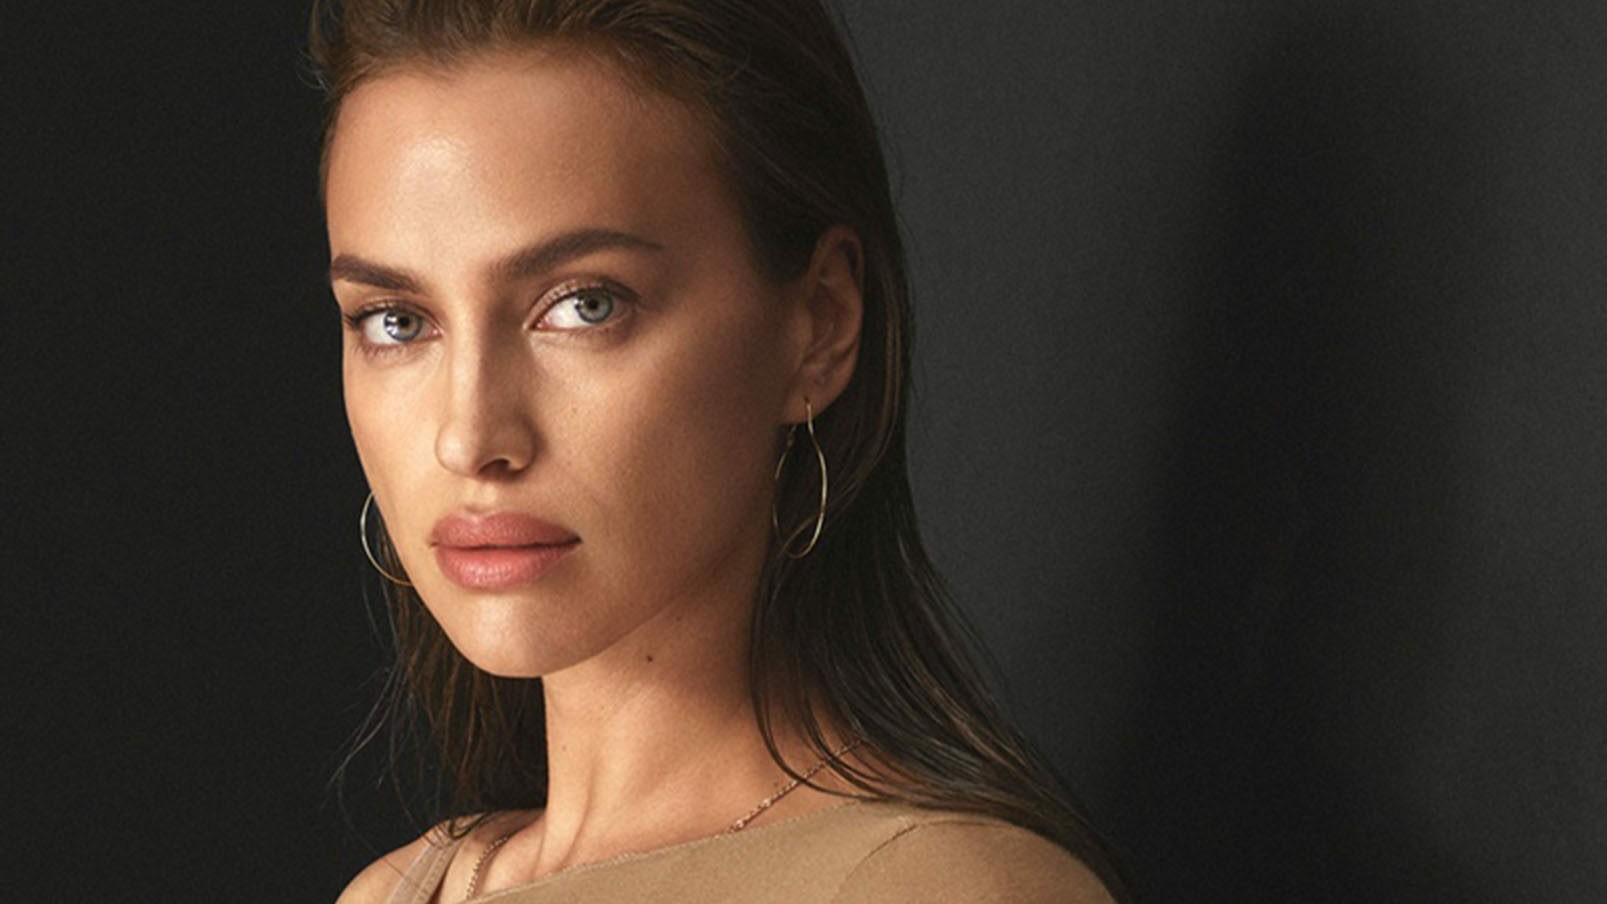 Nur Nötigstes bedeckt - Irina Shayk sorgt im Nackt-Anzug